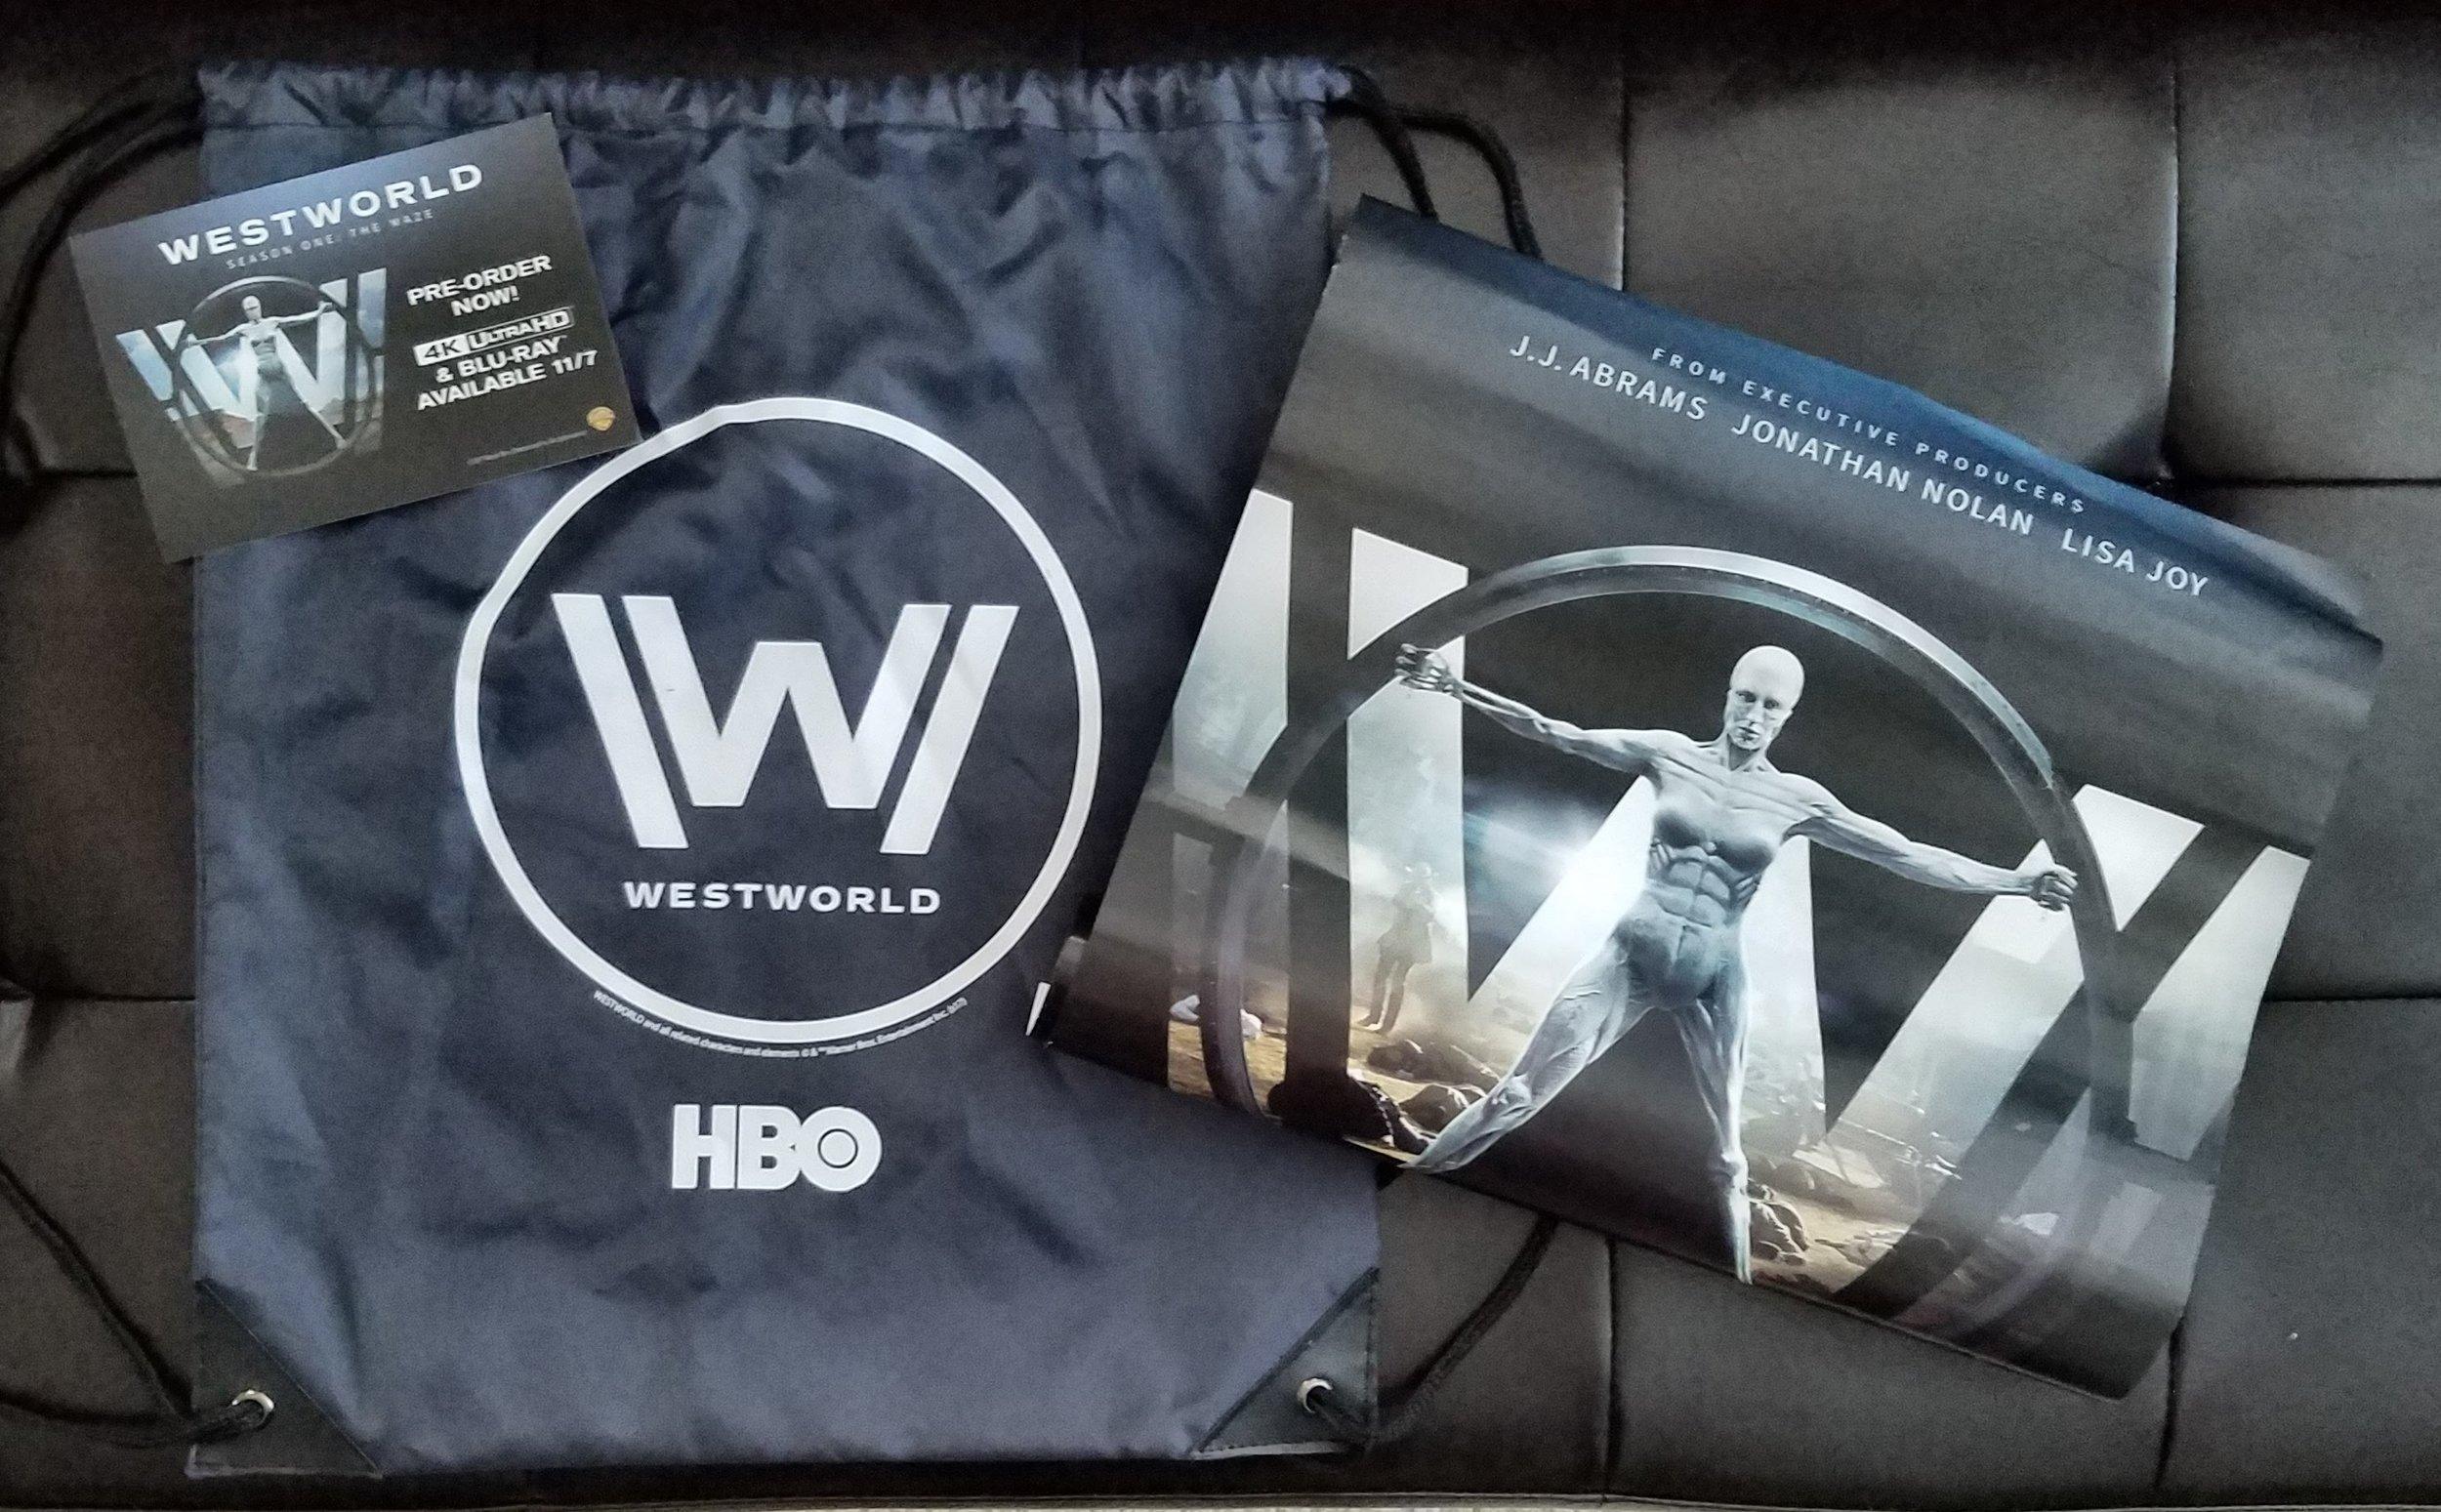 Lauren A - SDCC 2017 Westworld Hall H Bag